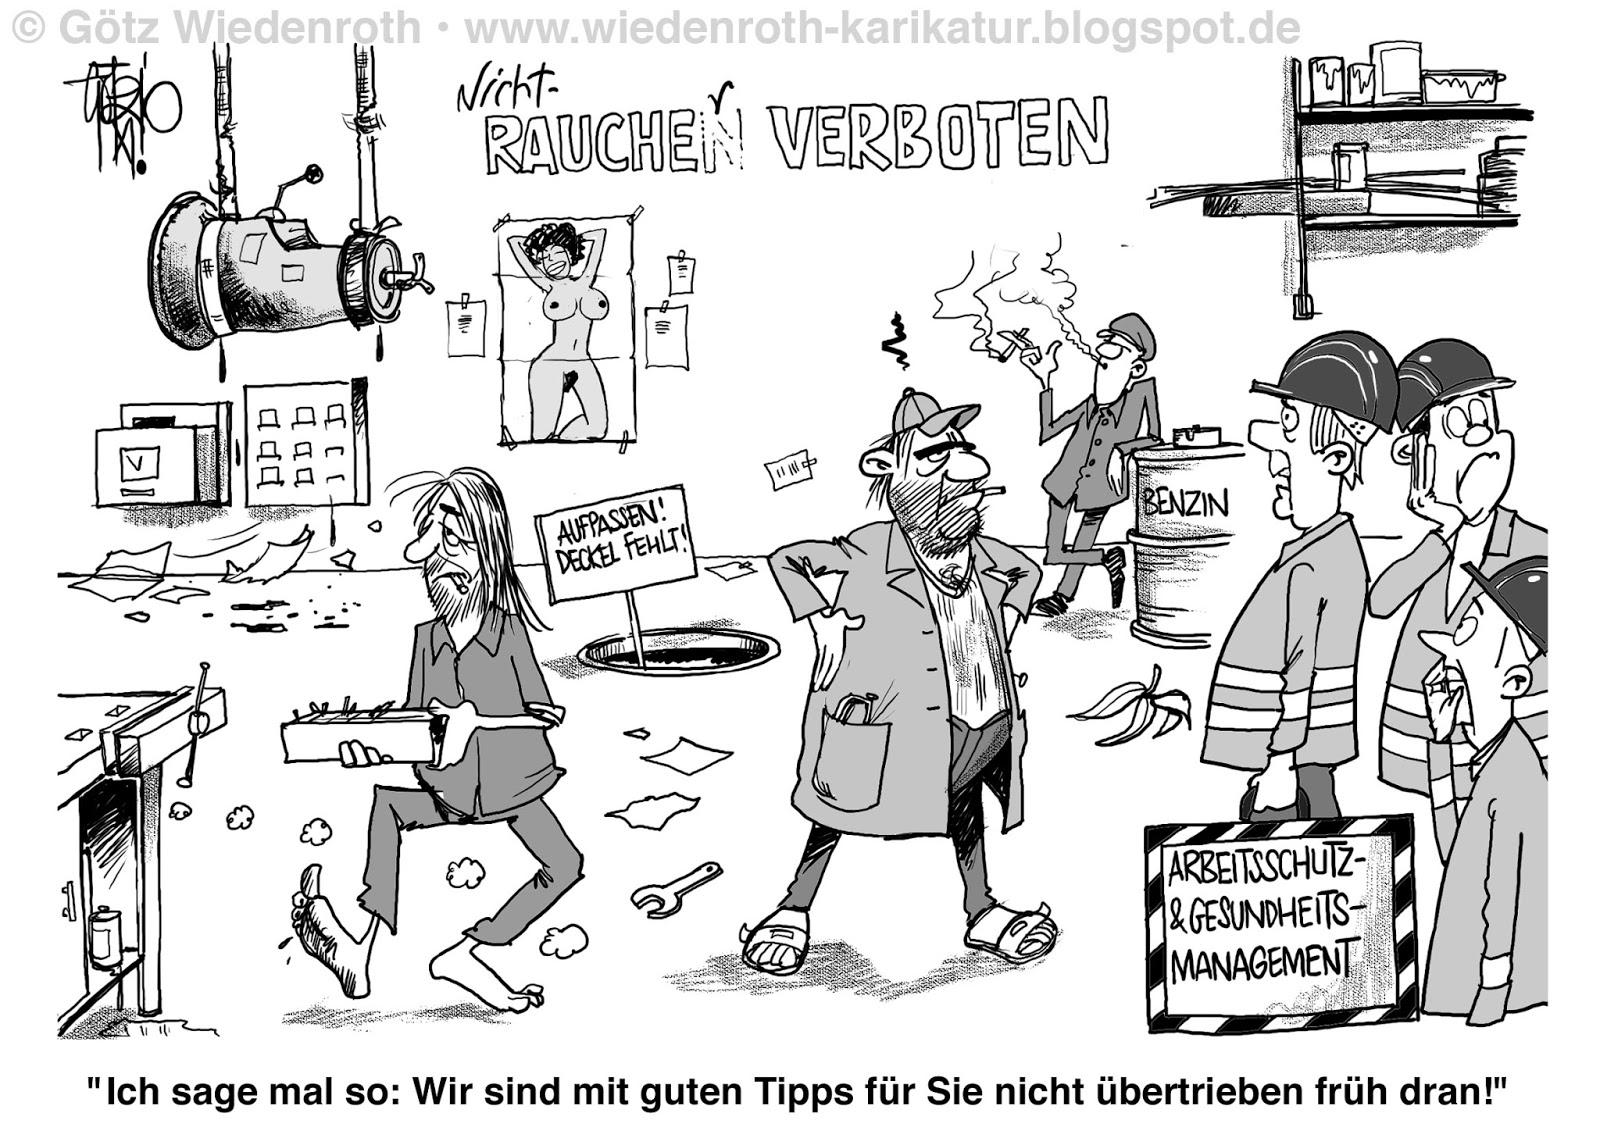 Karikamur karikatur wiedenroth arbeitsschutz for Zitat sicherheit